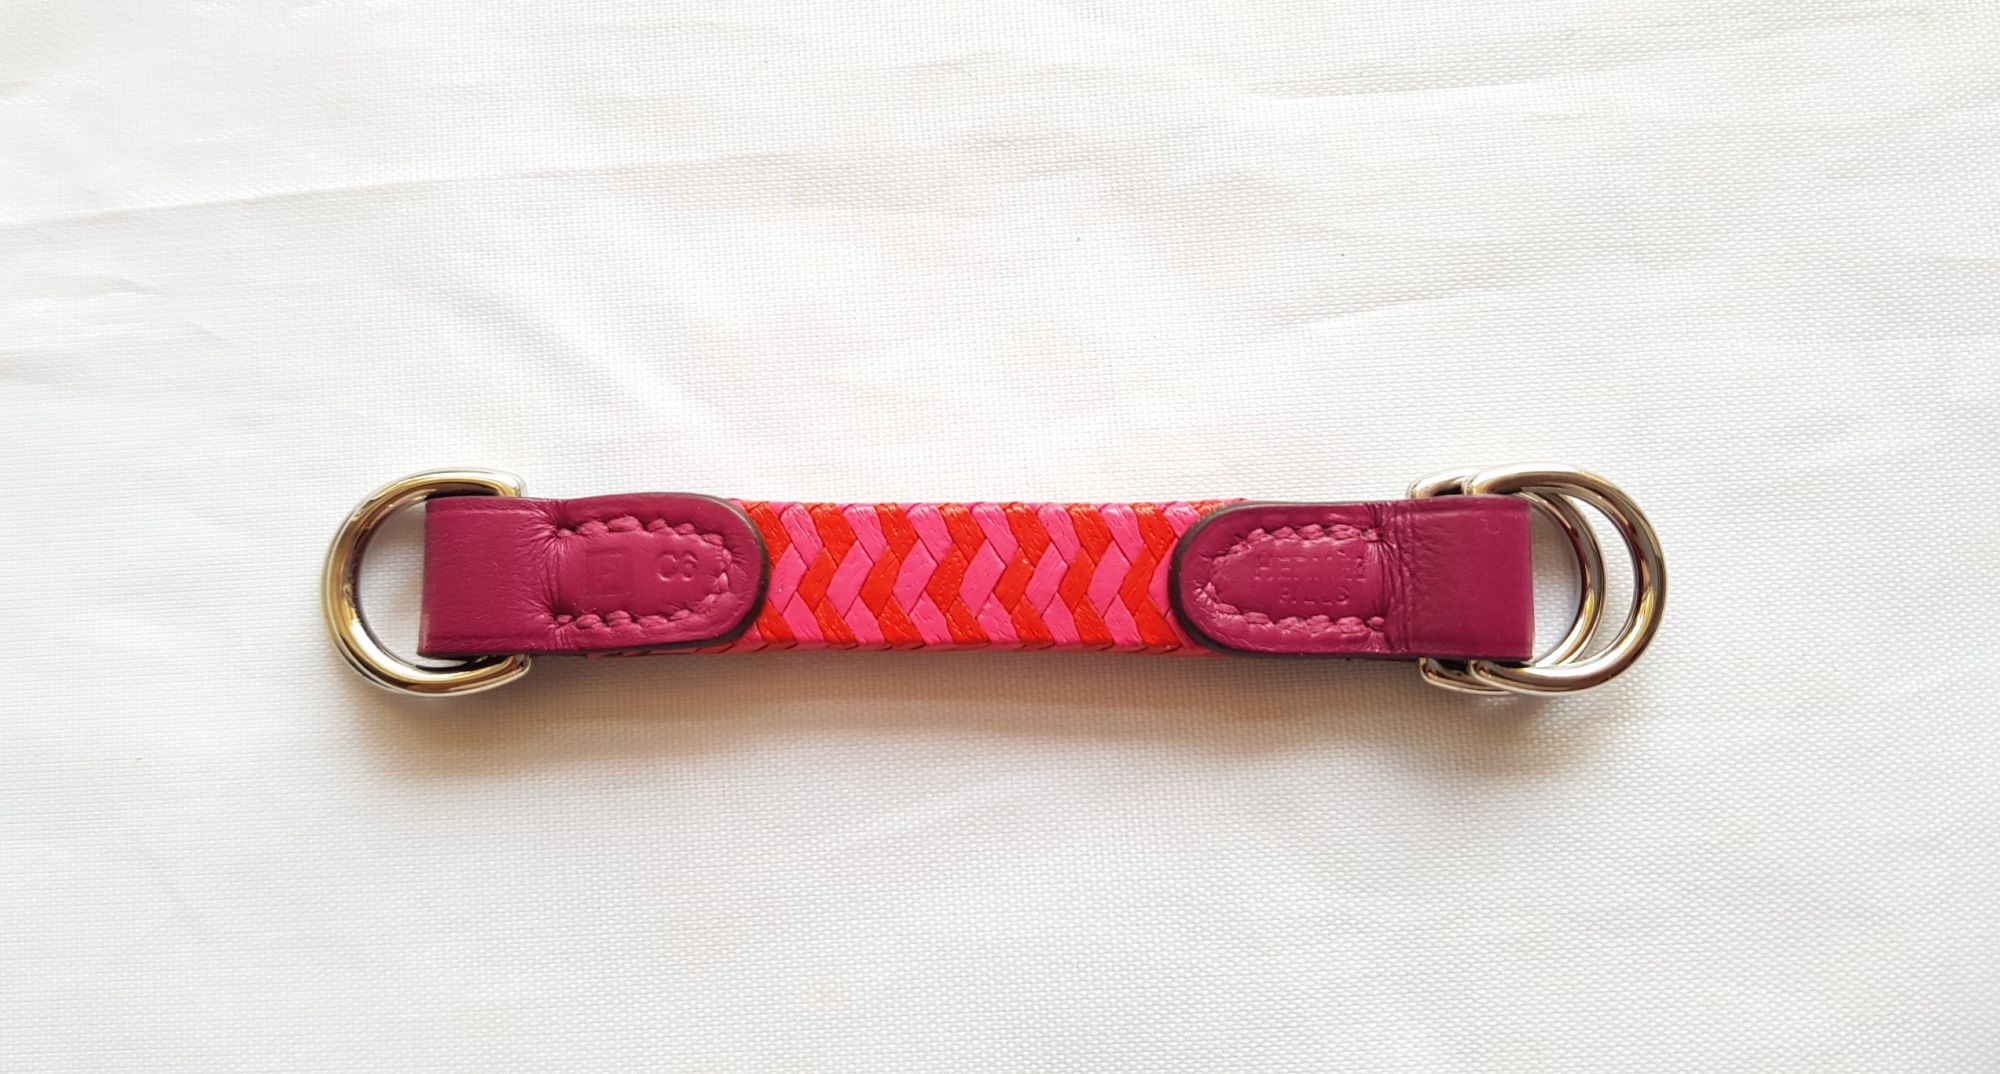 Porte-clés Hermès anneau charm trait d'union little romance